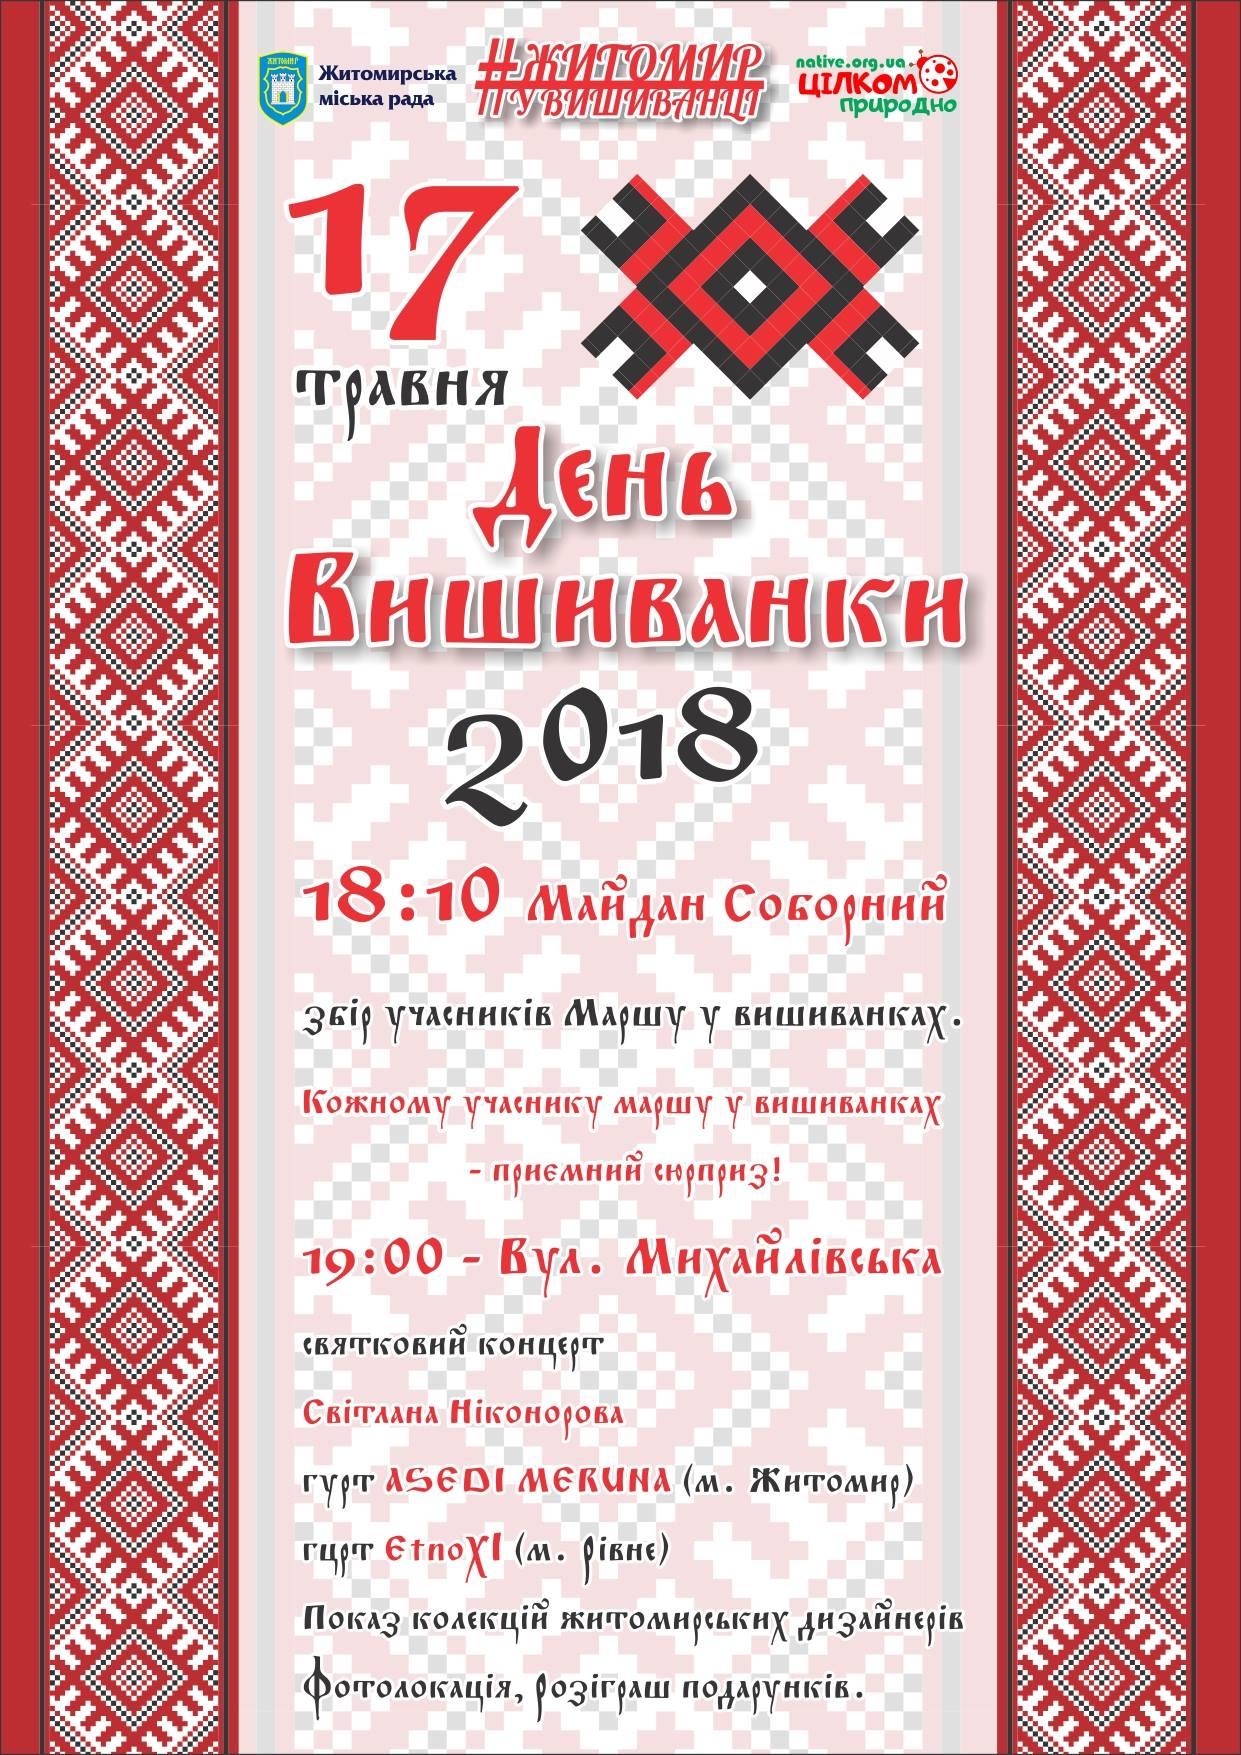 У Житомирі відзначать Всесвітній День вишиванки  a71d699ccedfd